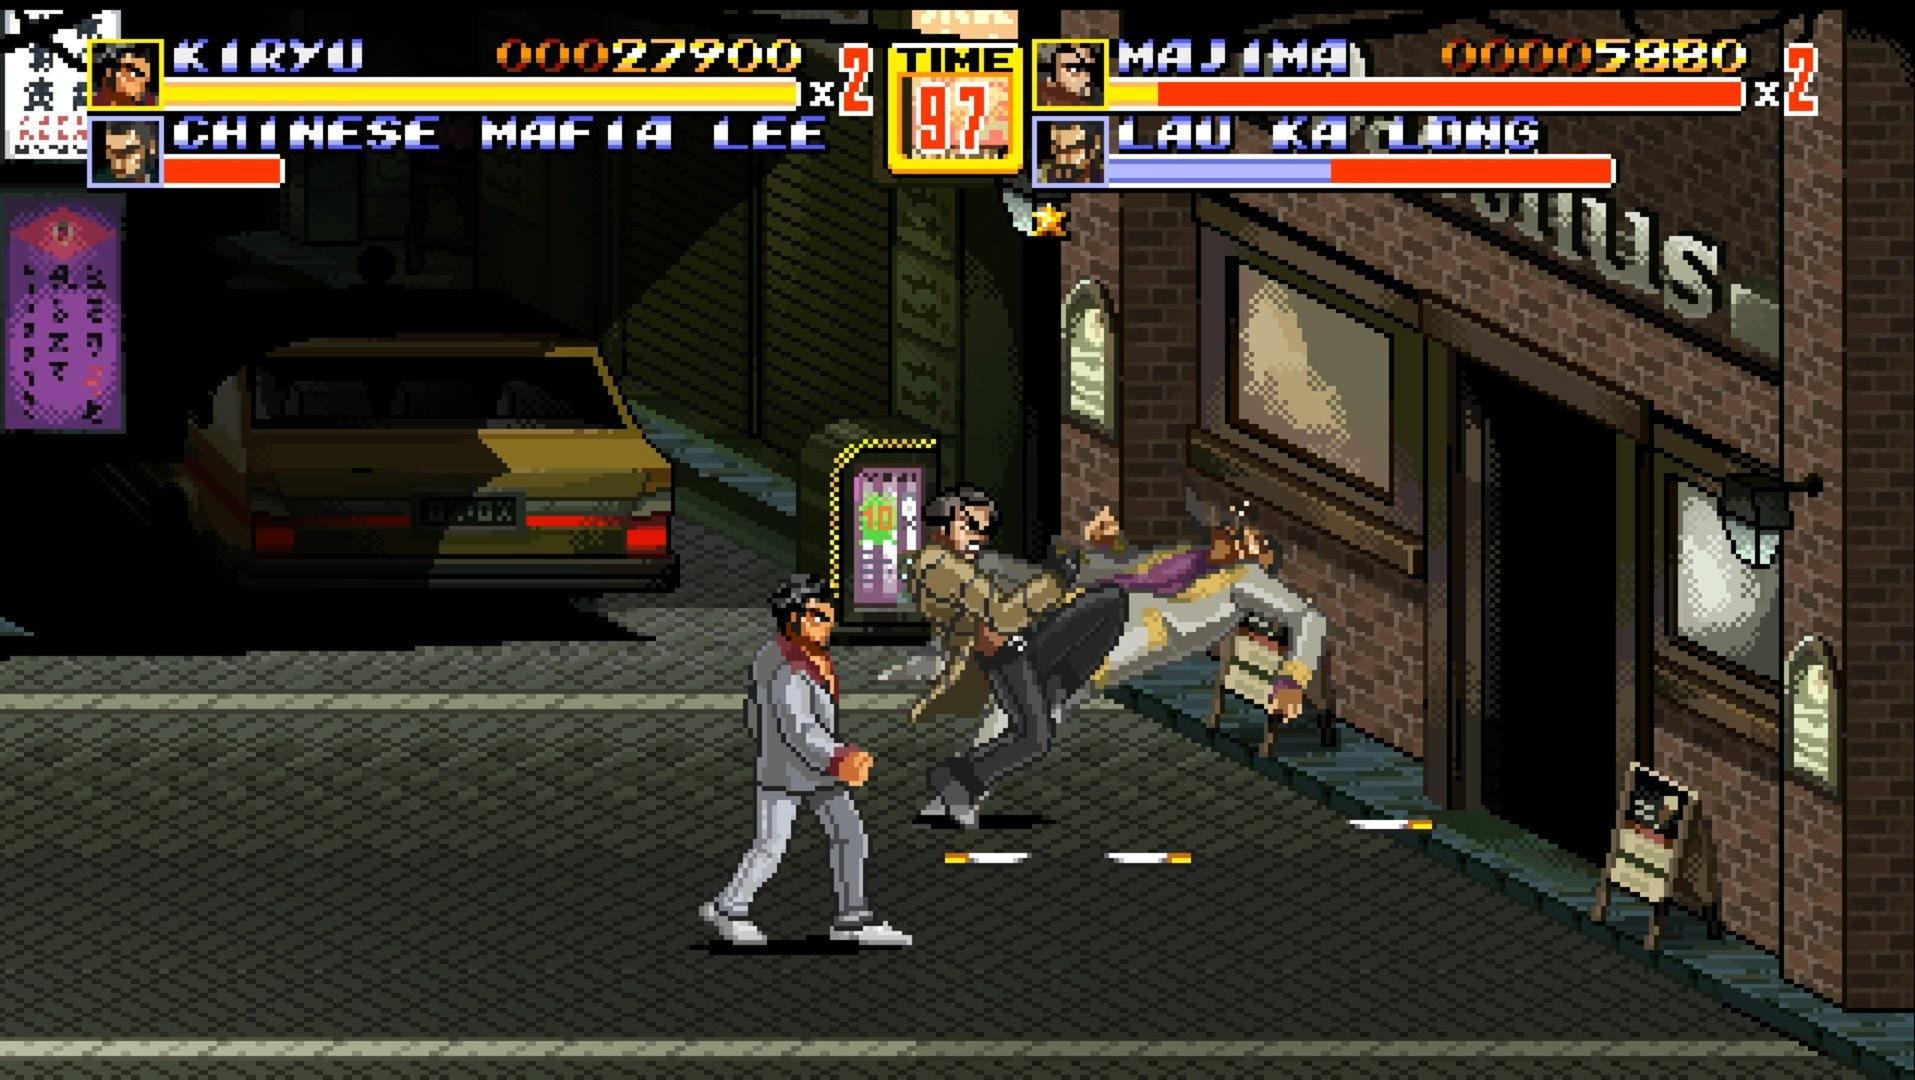 メガドライブの傑作『ベア・ナックル2』に『ゴールデンアックス』も? セガ60周年記念のSteam無料配信ゲームが懐かしすぎるの画像006